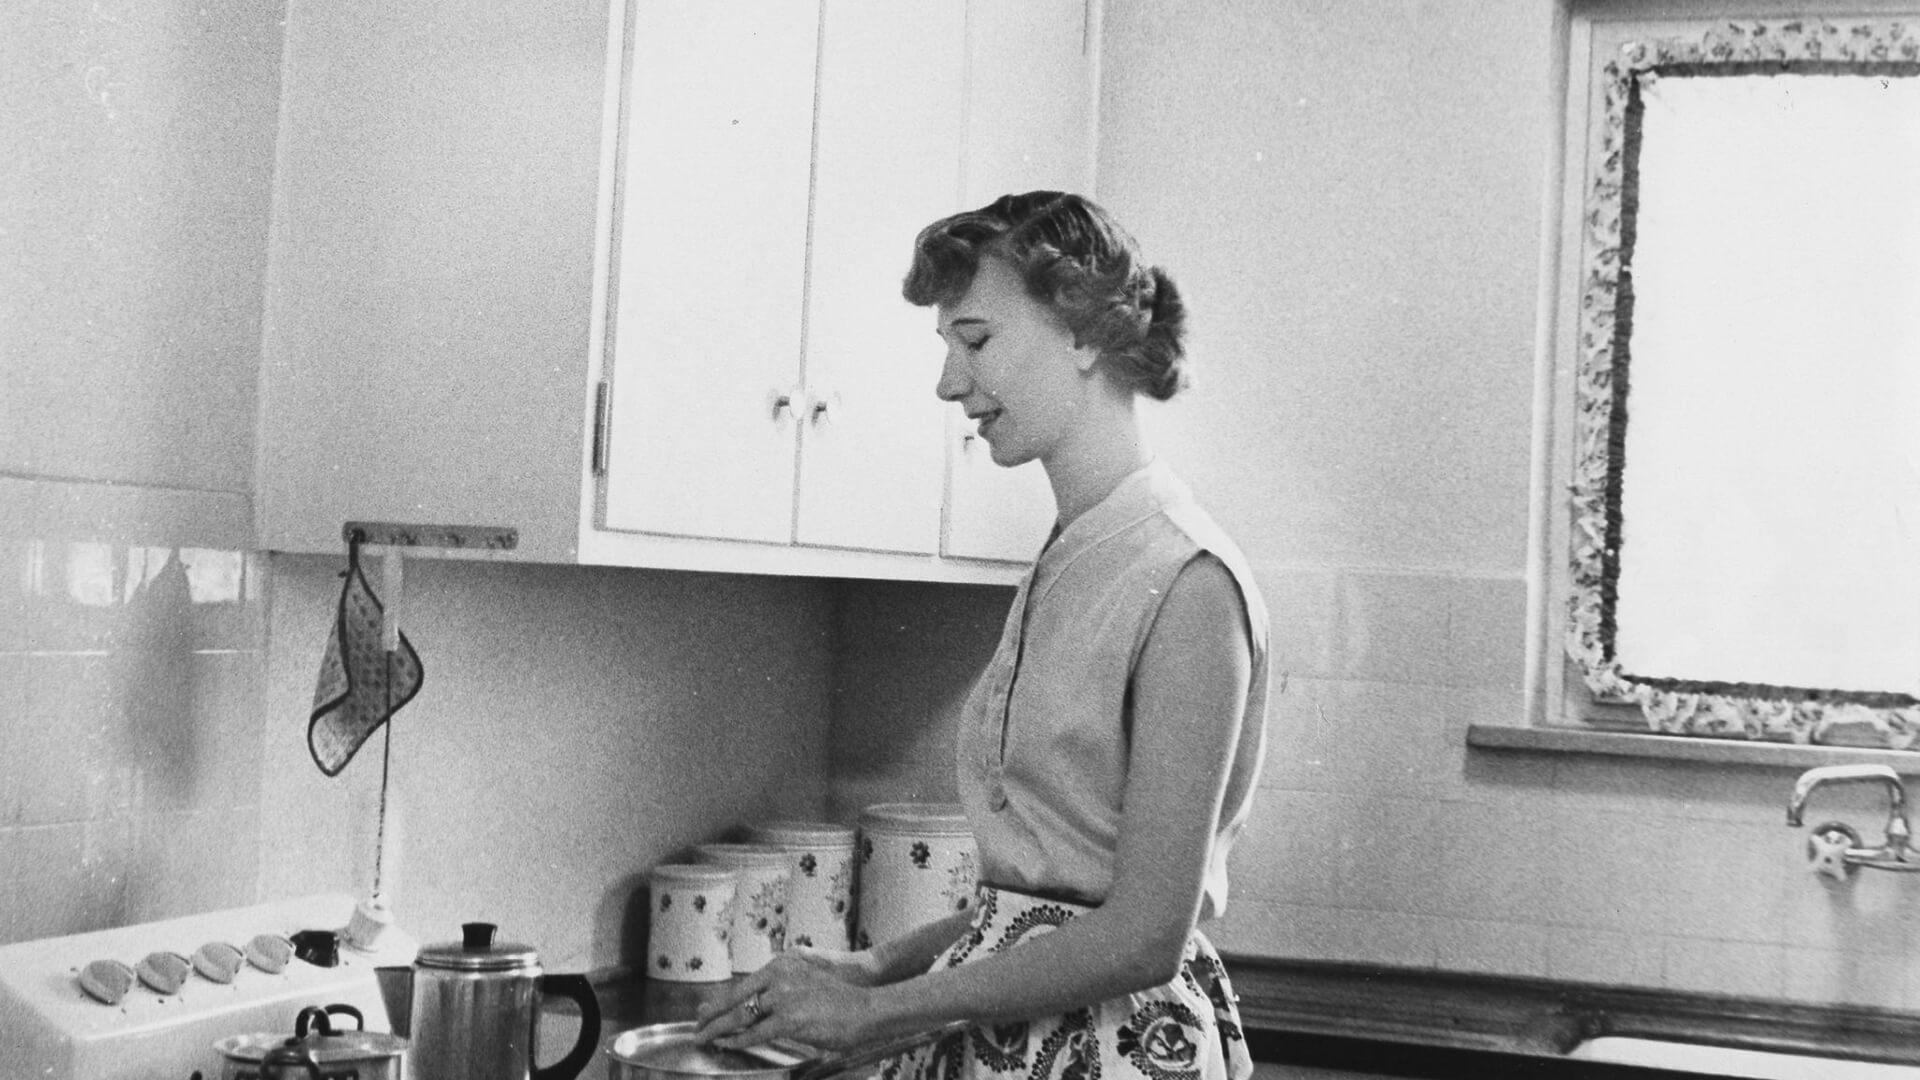 1955: Mrs Smith in ihrer neuen Küche: Patrick-Henry-Village war als reine Wohnsiedlung für die US-Militätrs und ihre Angehörigen angelegt. © Stadtarchiv Heidelberg